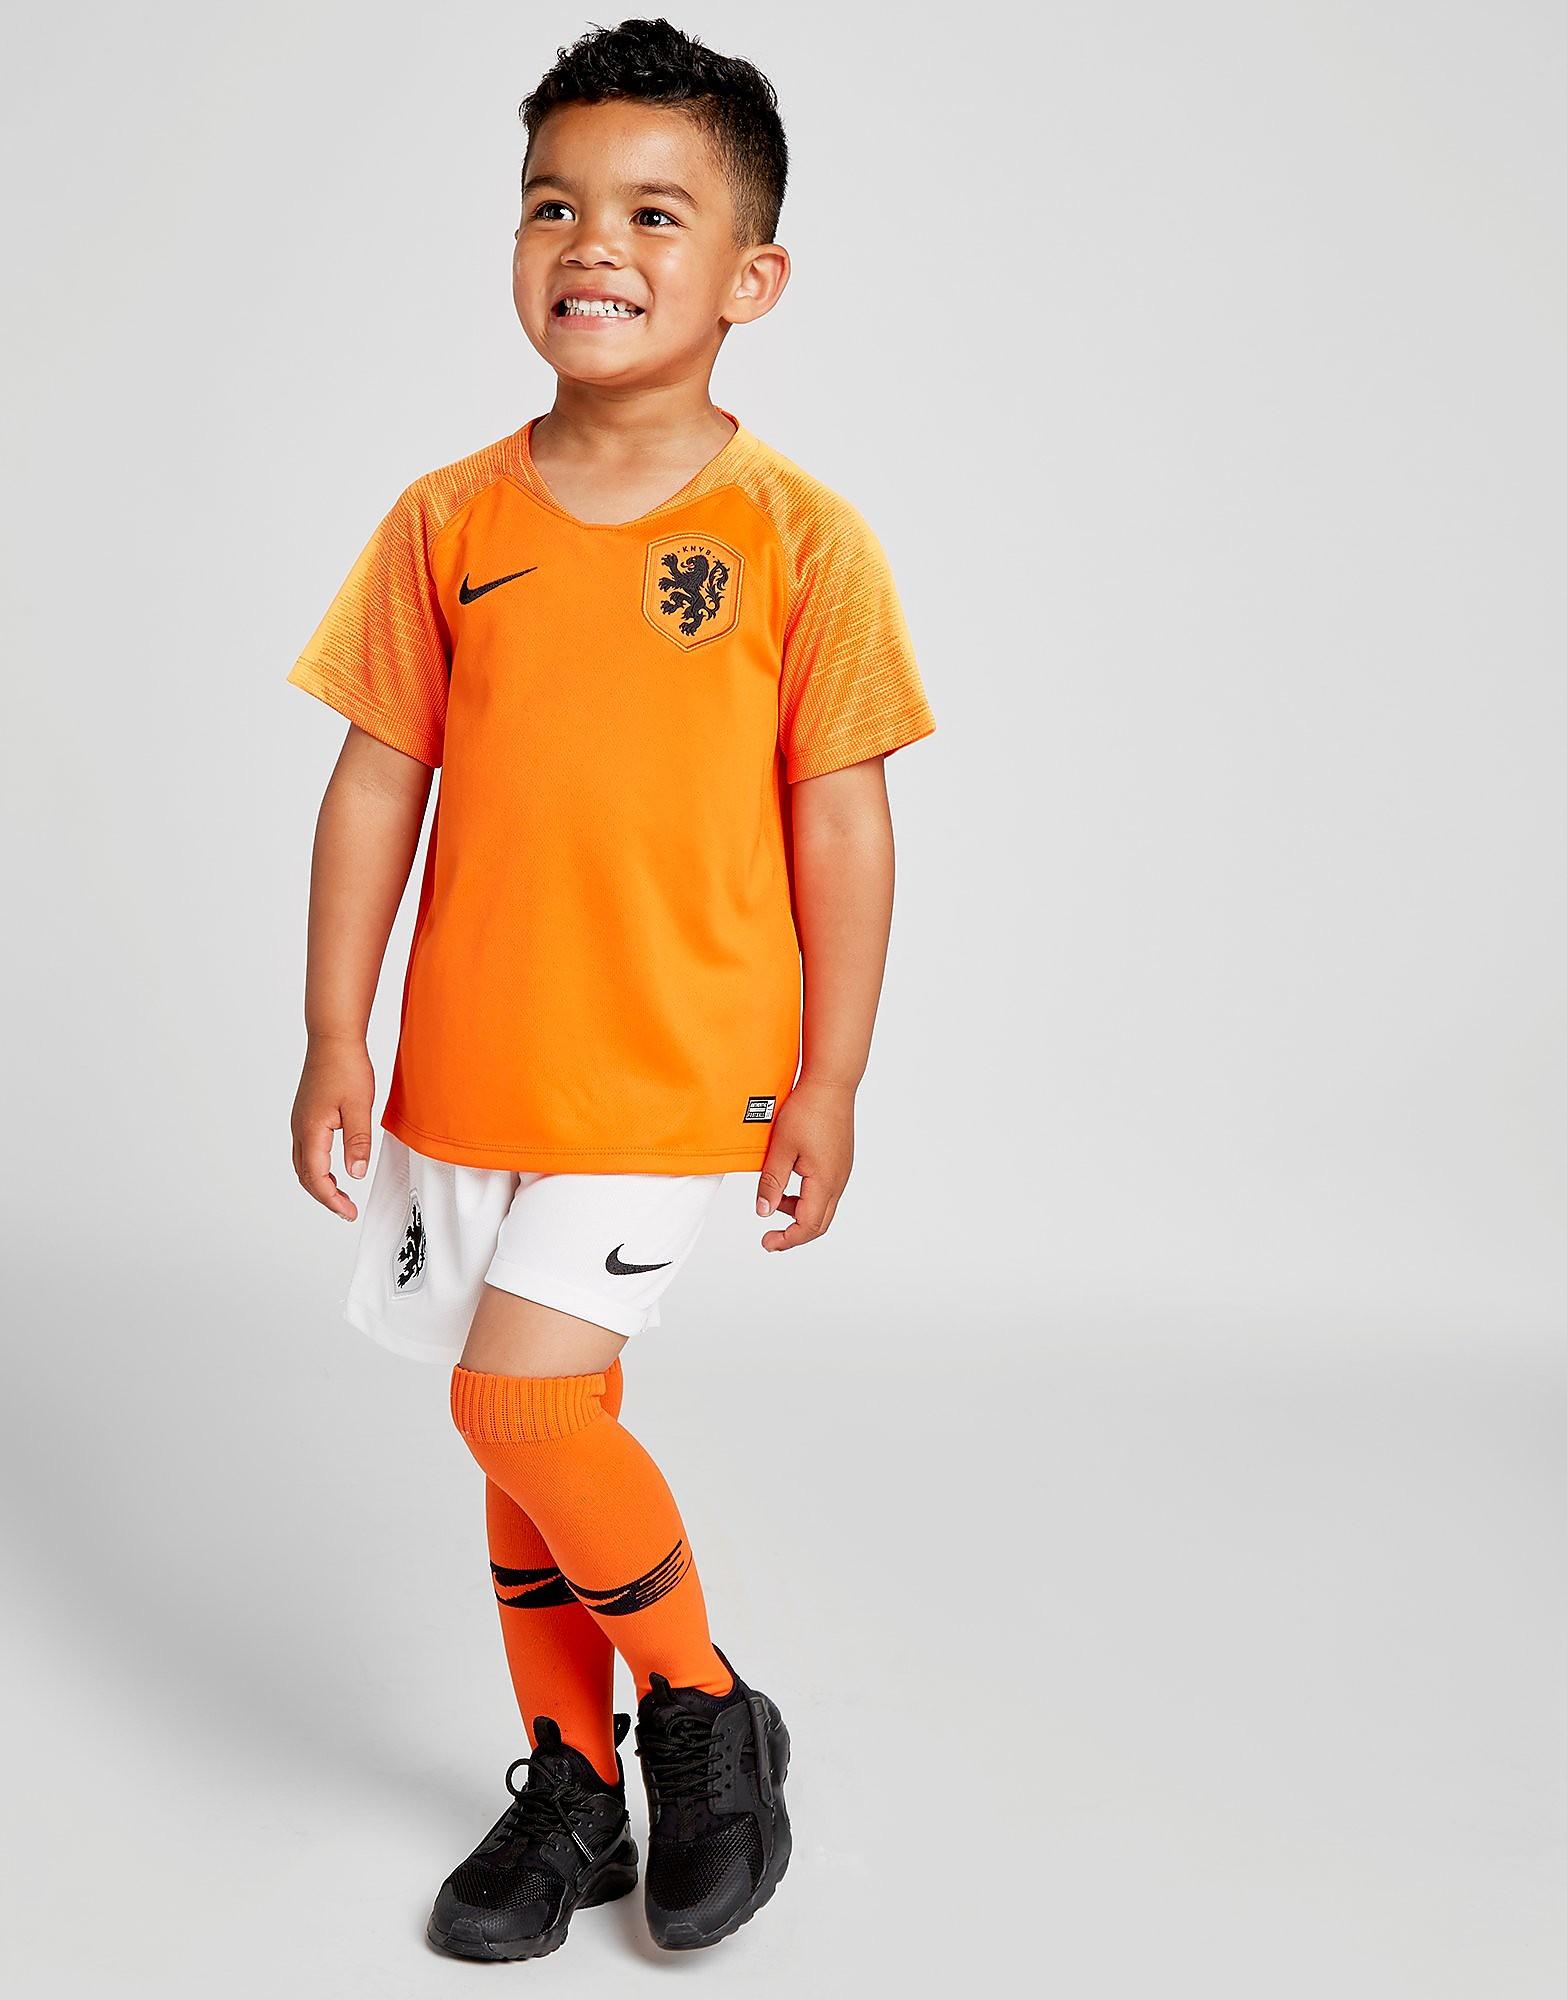 Nike Holland 2018 Home Kit Kinderen PRE ORDER